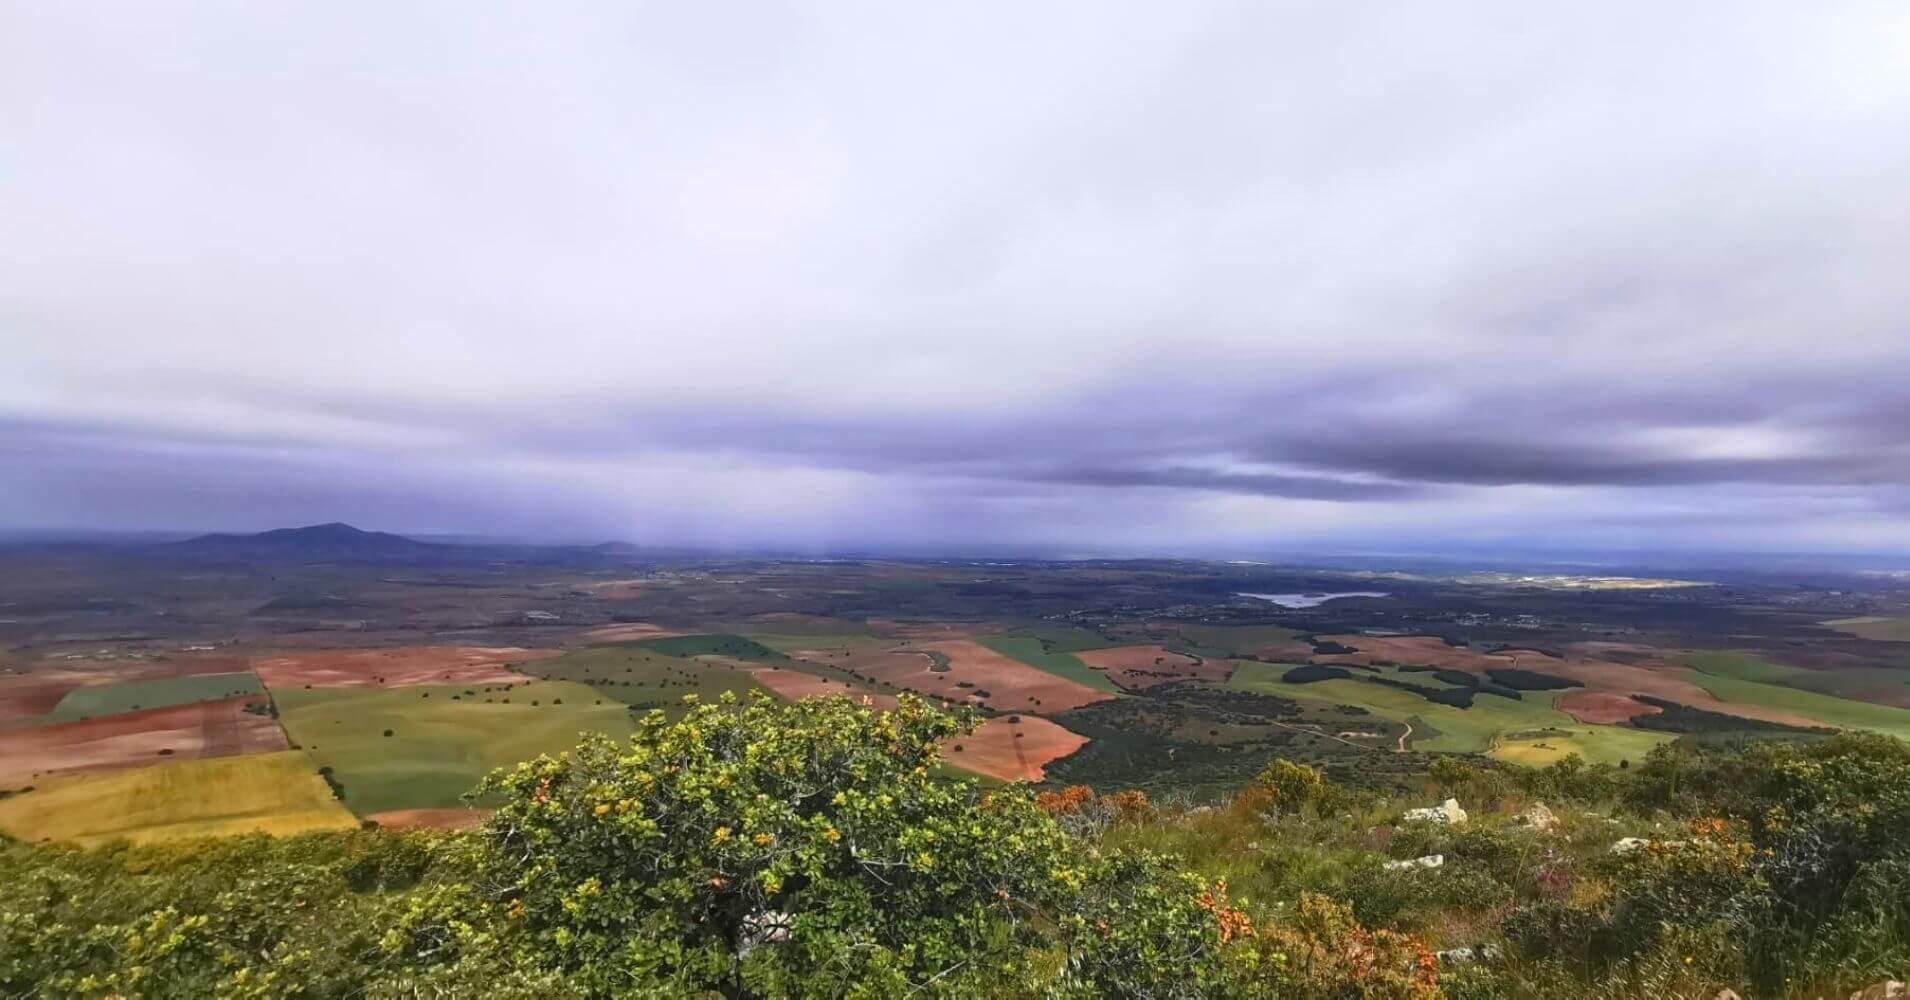 Panorámicas desde la cumbre de La Sierra de Layos. Toledo, Castilla La Mancha.